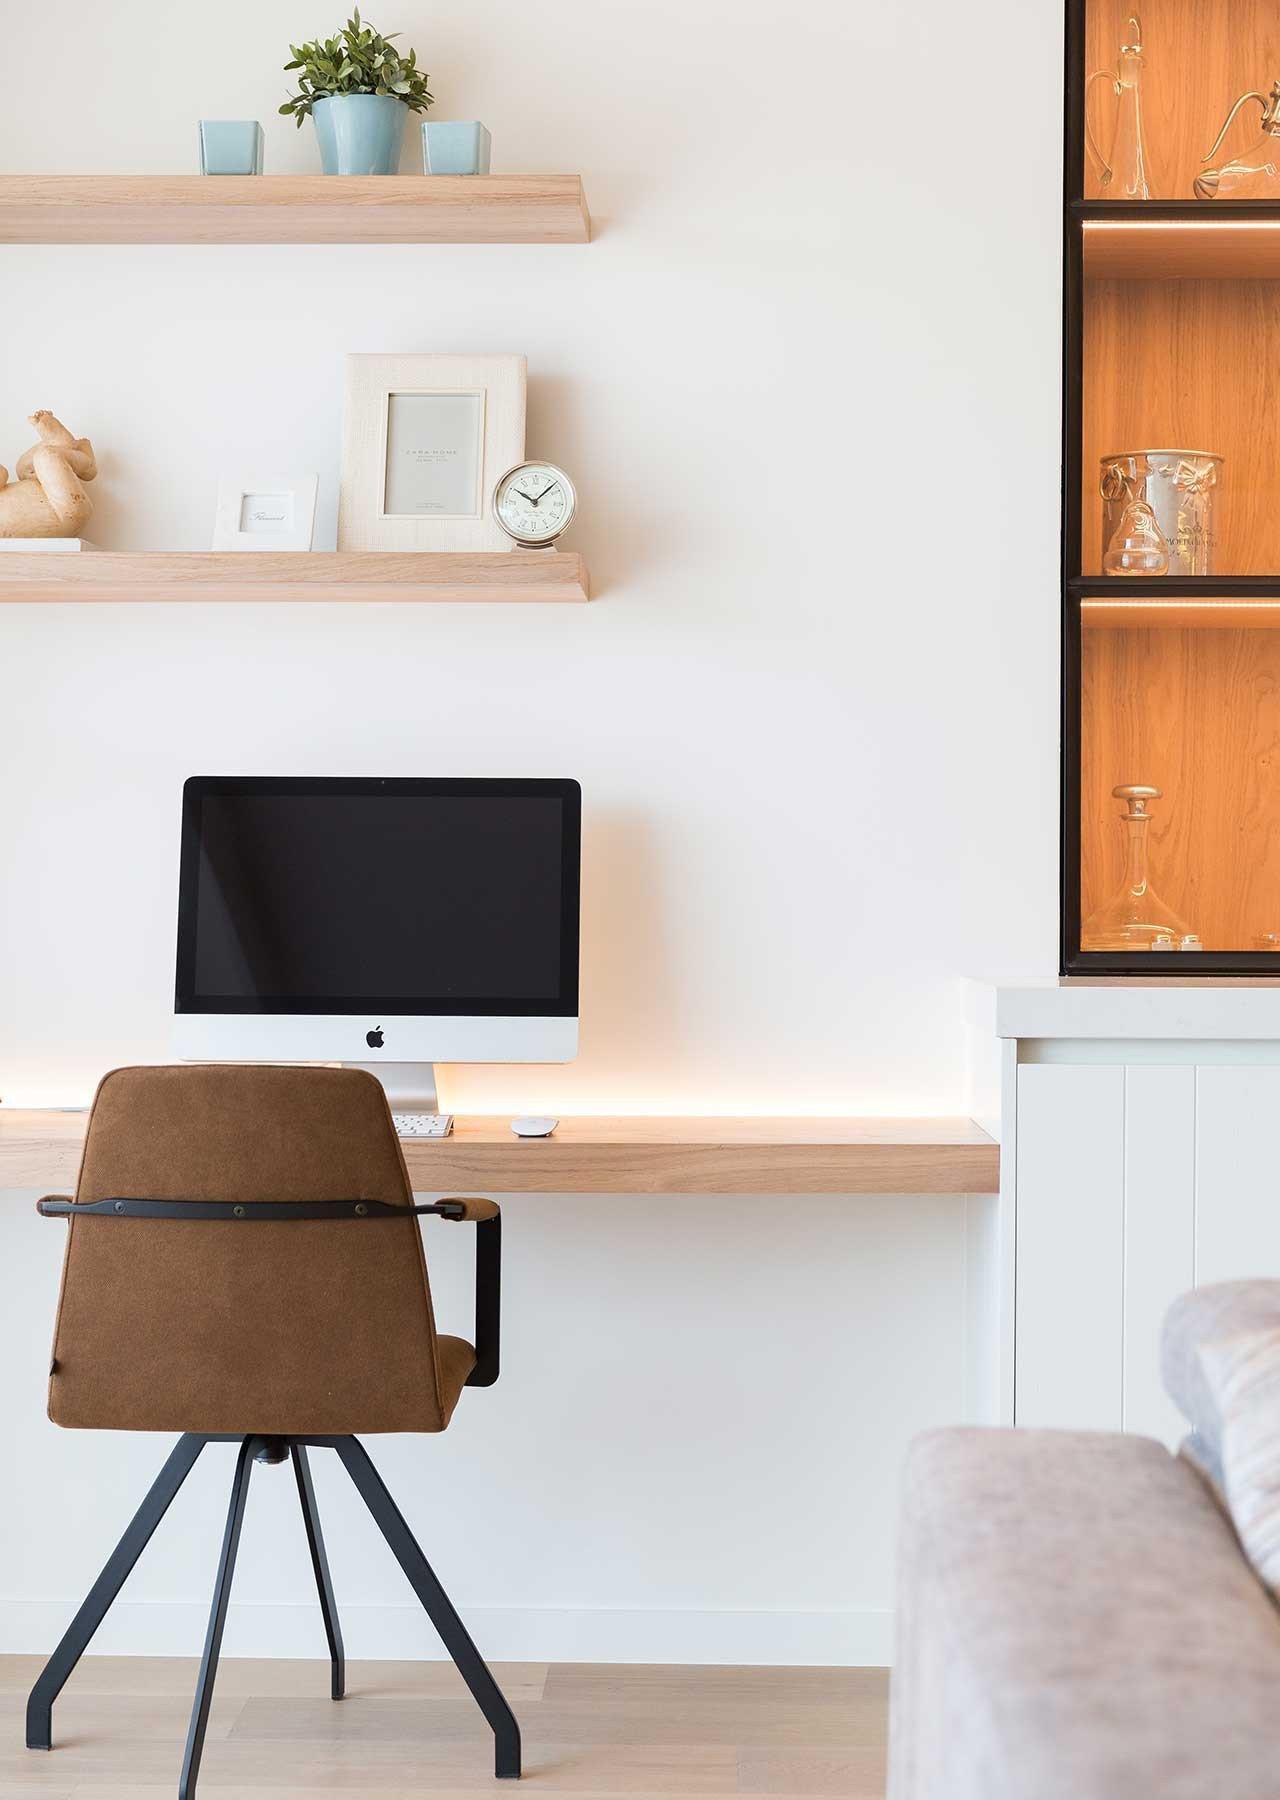 Totaalinrichting-appartement-Kortrijk-2.jpg